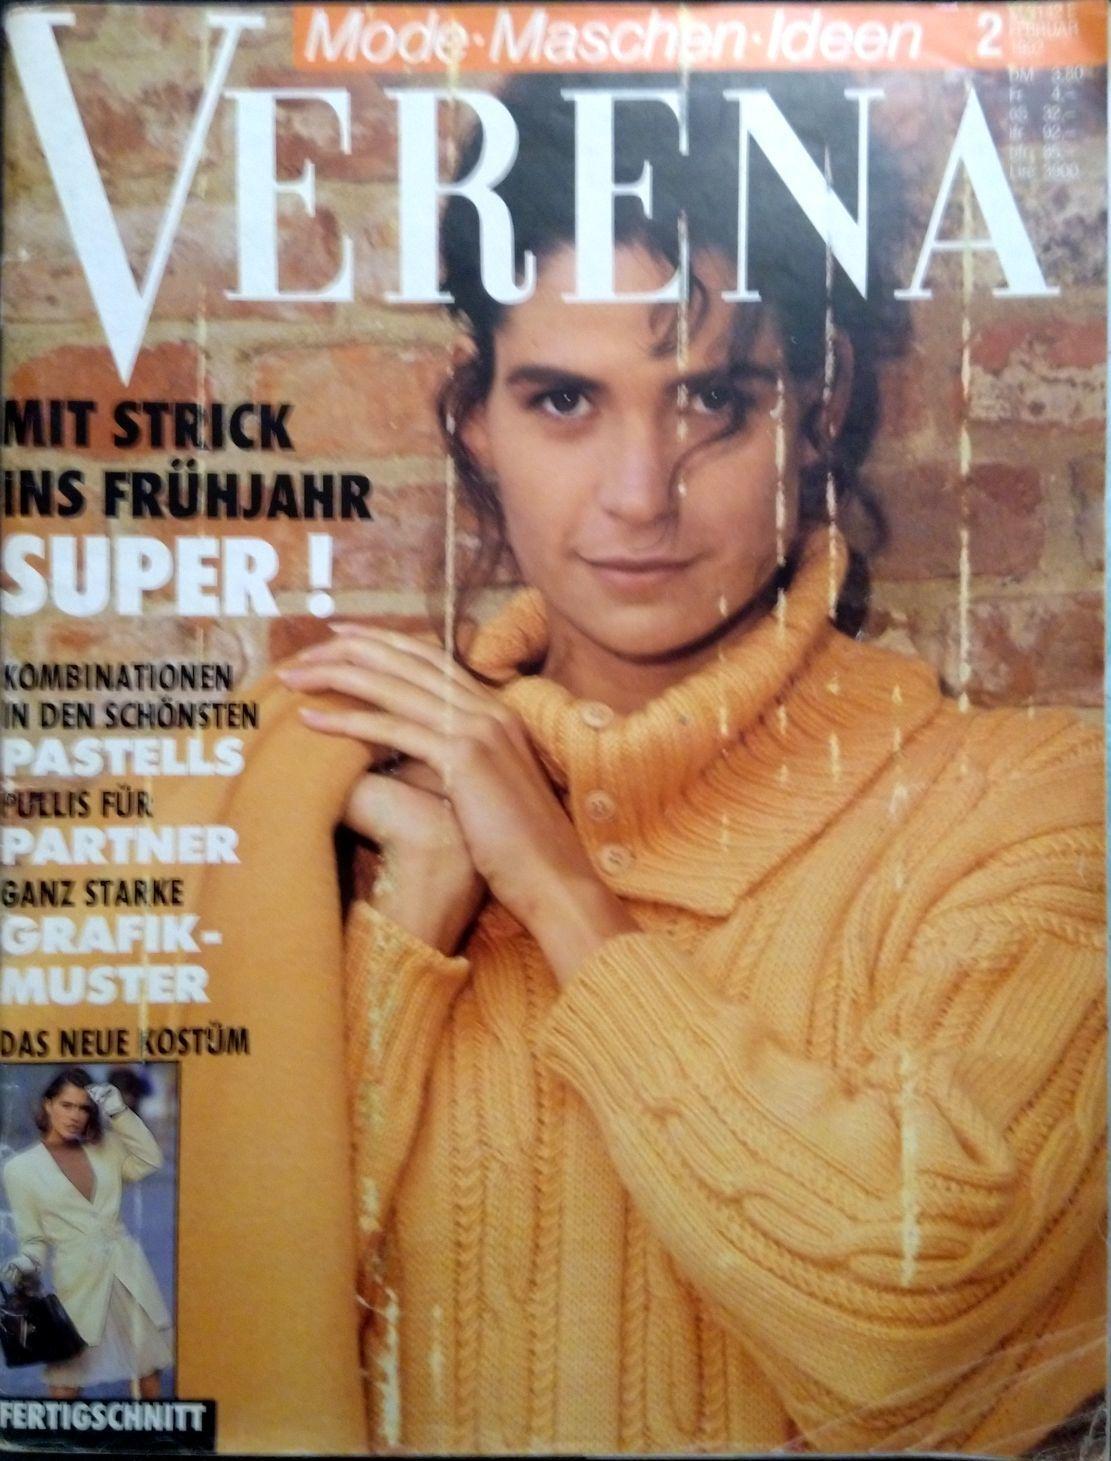 Журнал по вязаниюVerena, № 2/1992, Схемы для вязания, Москва,  Фото №1